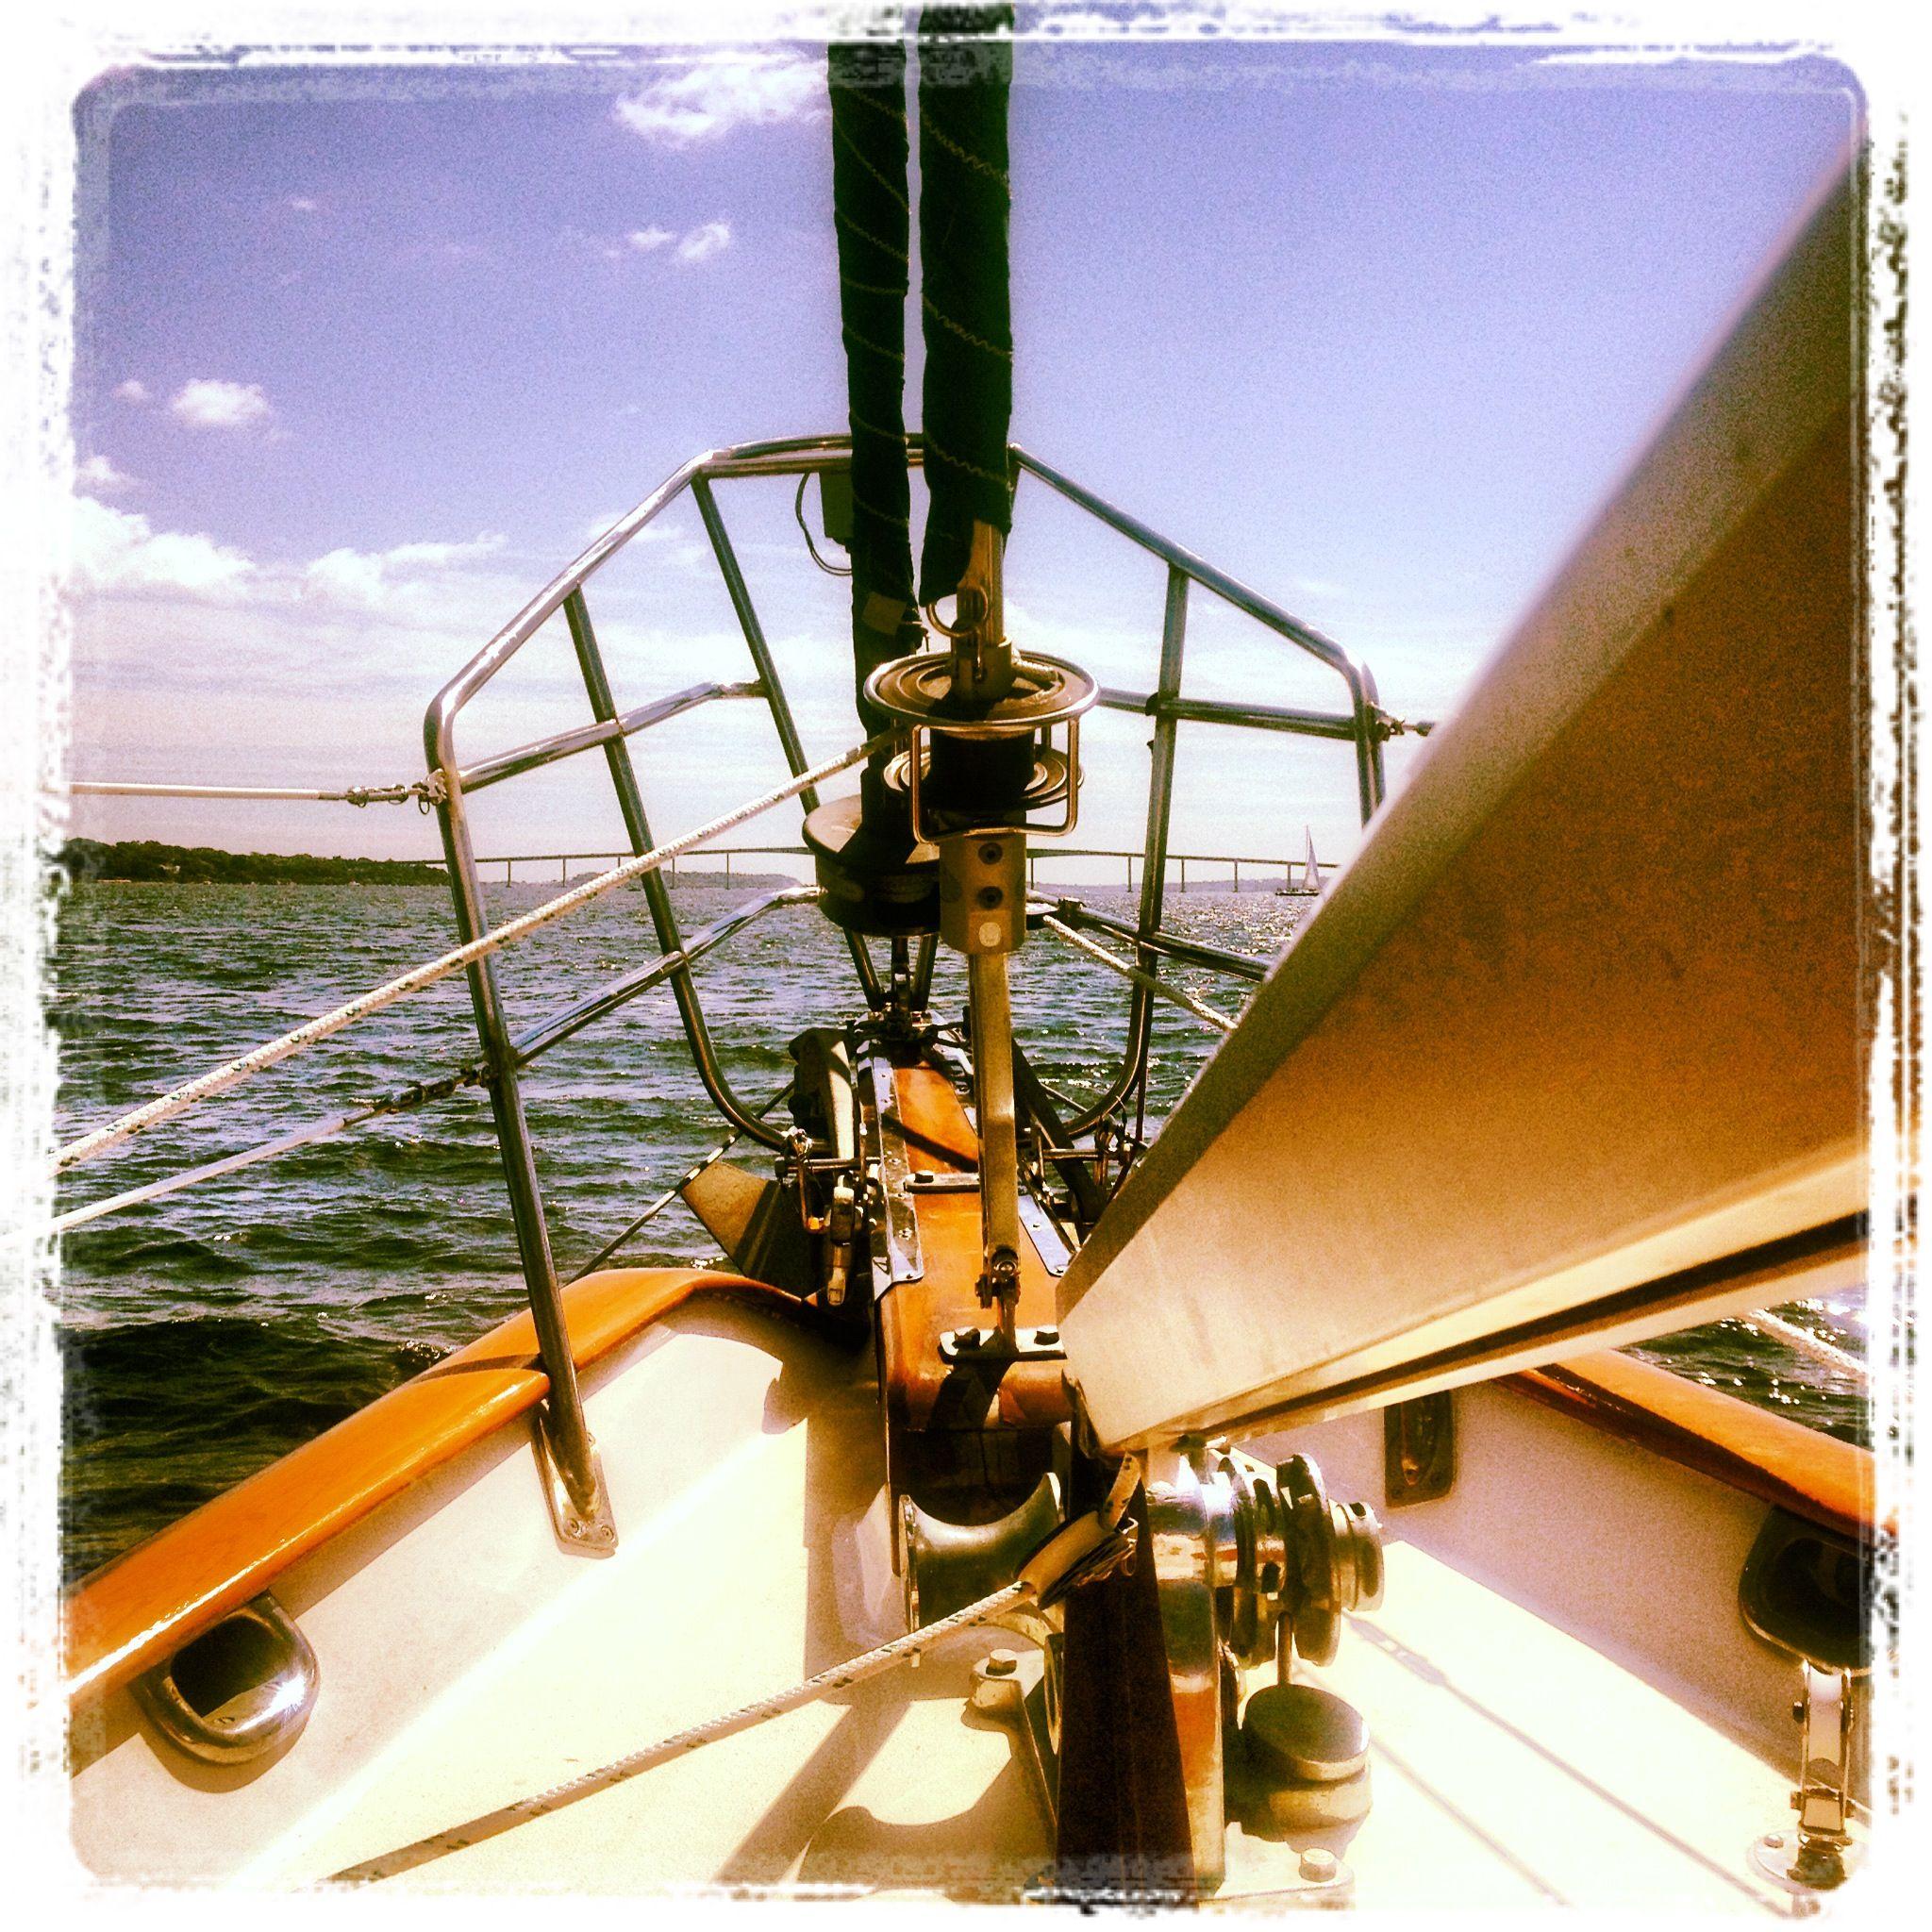 Sailing towards Jamestown, RI - 8.26.2012